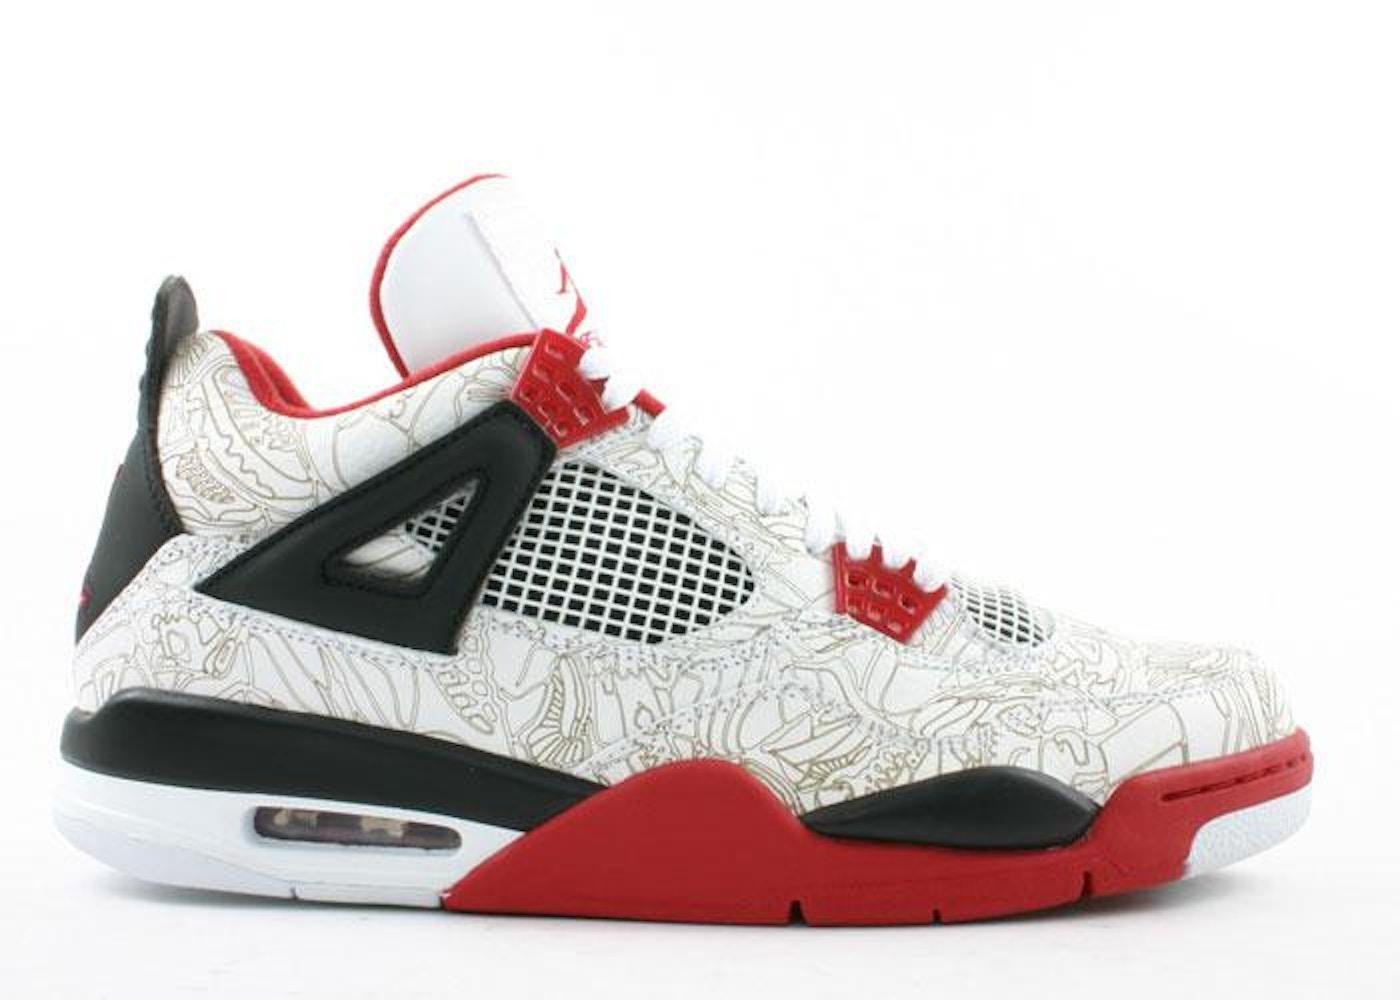 Jordan 4 Retro White Laser - 308497-161 25cabf64c